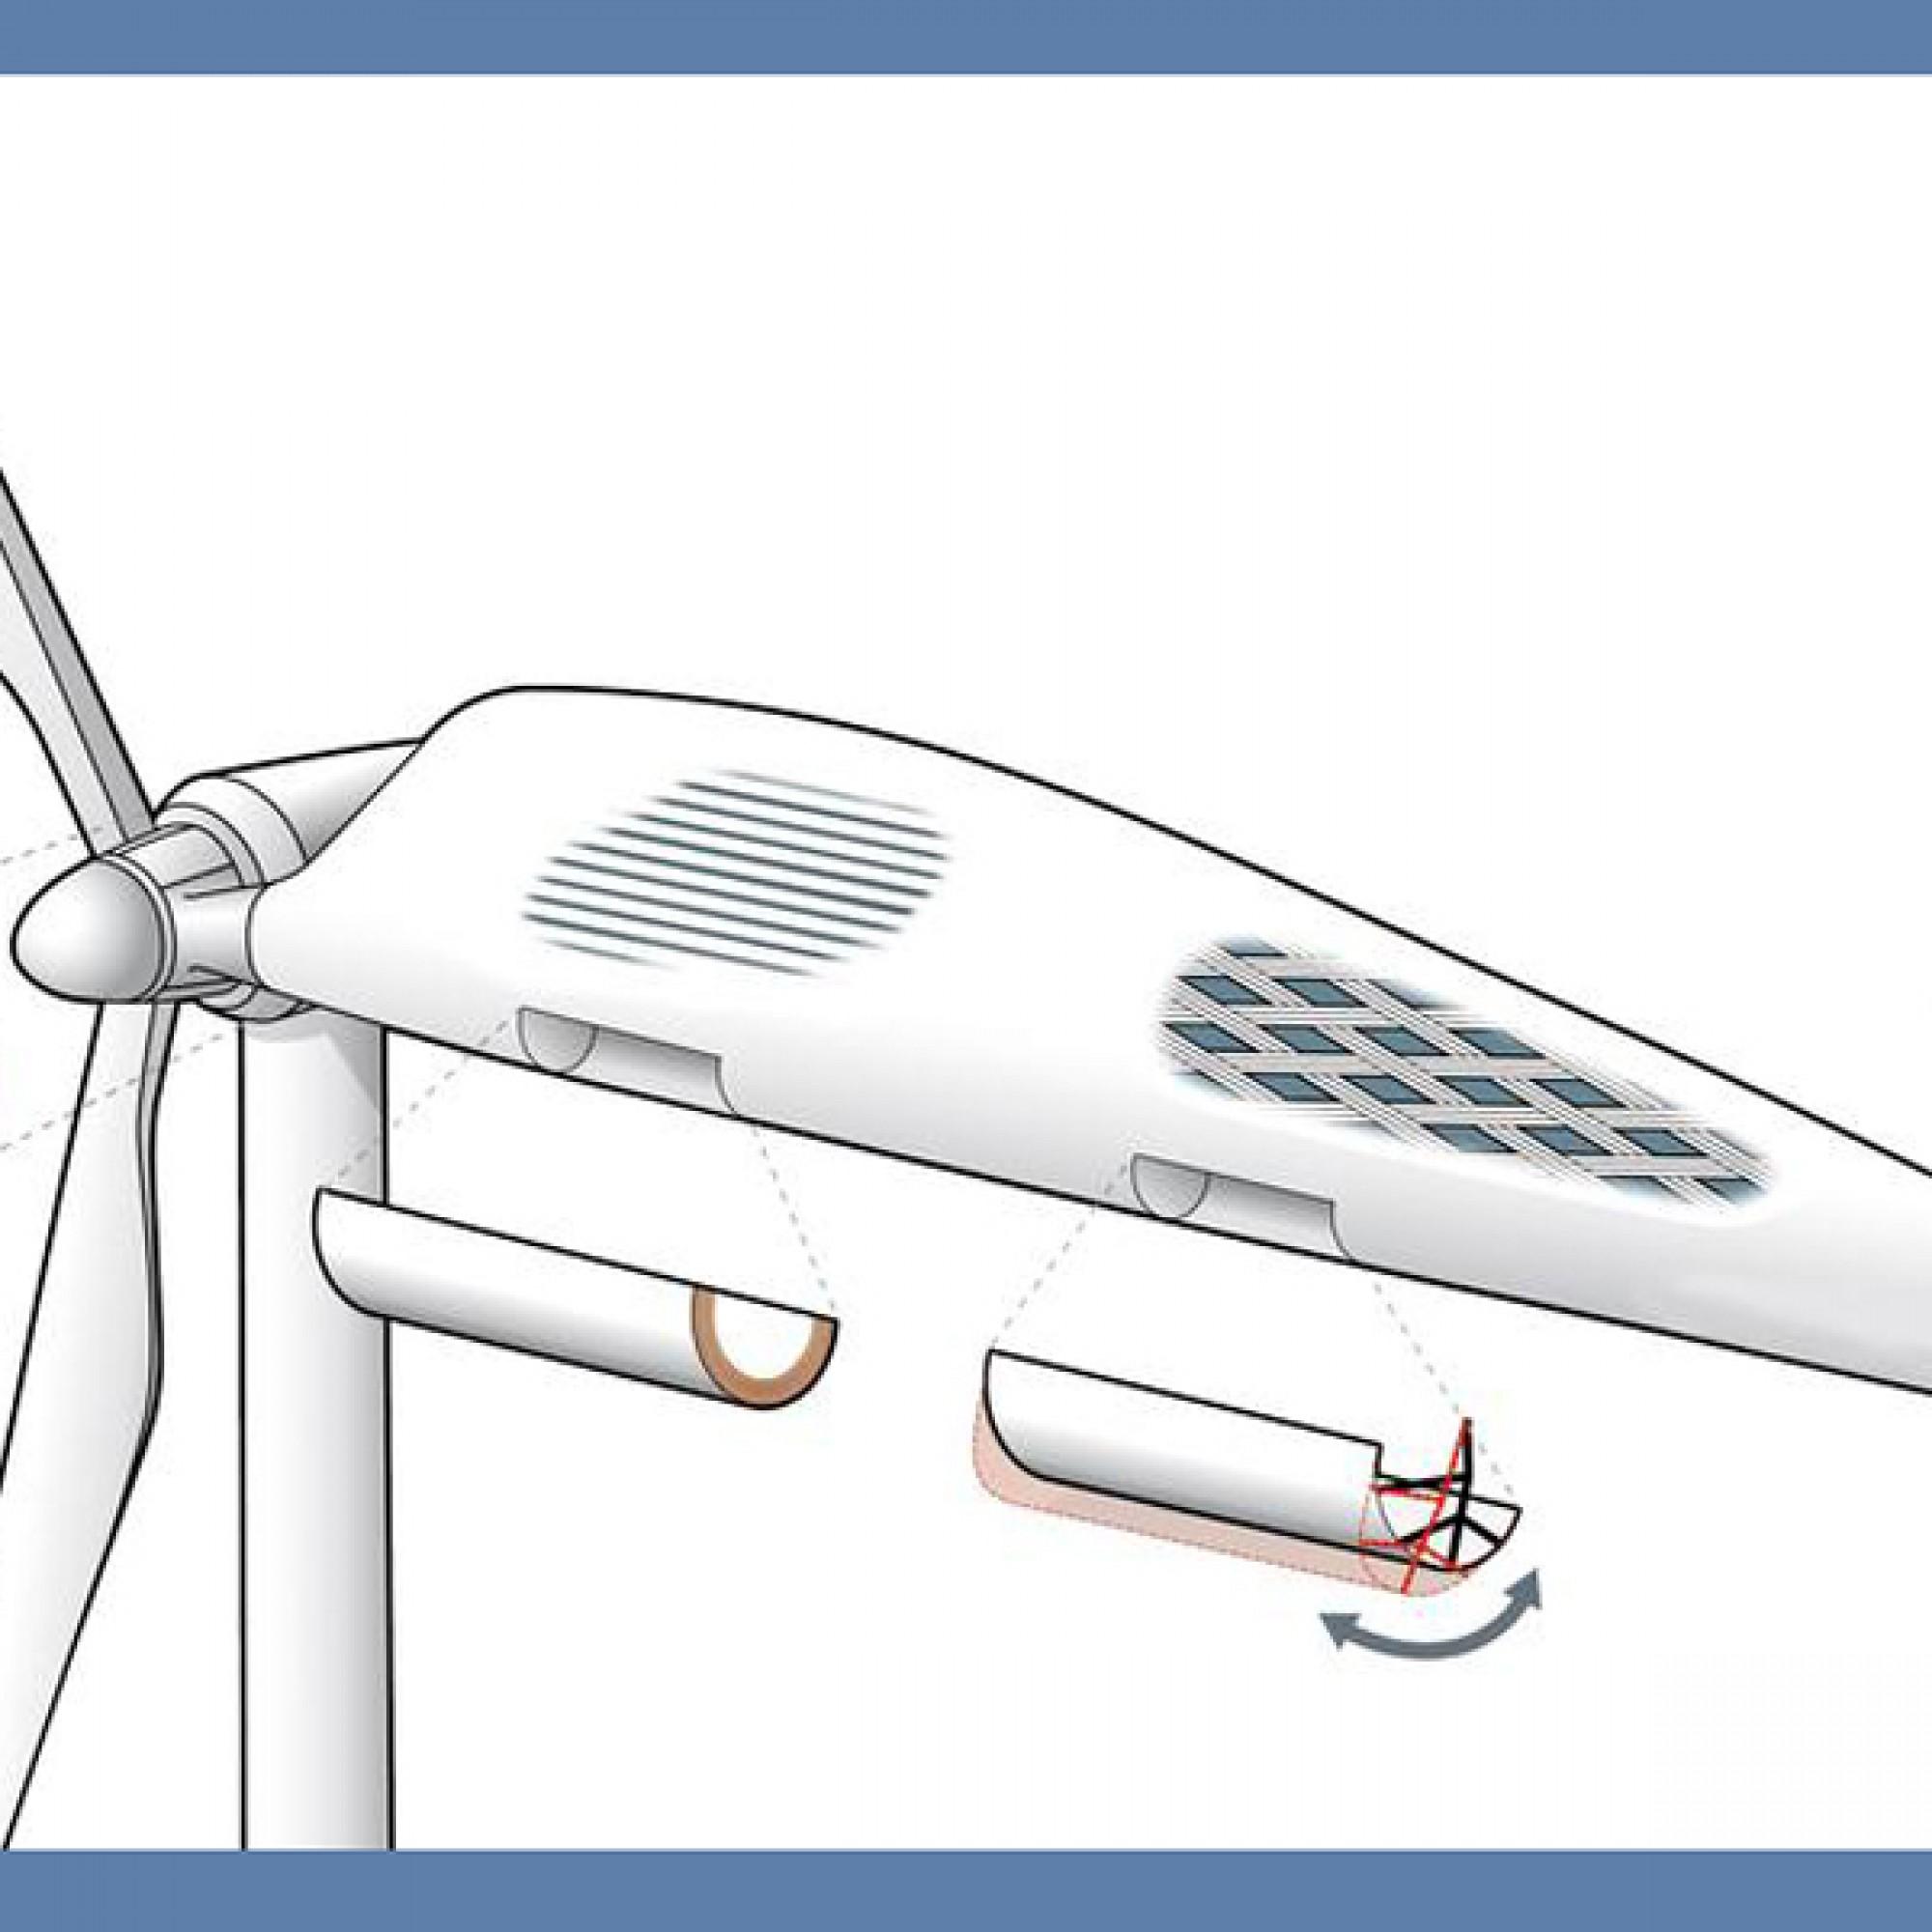 Dank ausfahrbarer Klappen sollen Rotorblätter künftig bei schwachem Wind mehr Angriffsfläche bieten und damit mehr Ertrag herausholen können. (Bild: DLR)